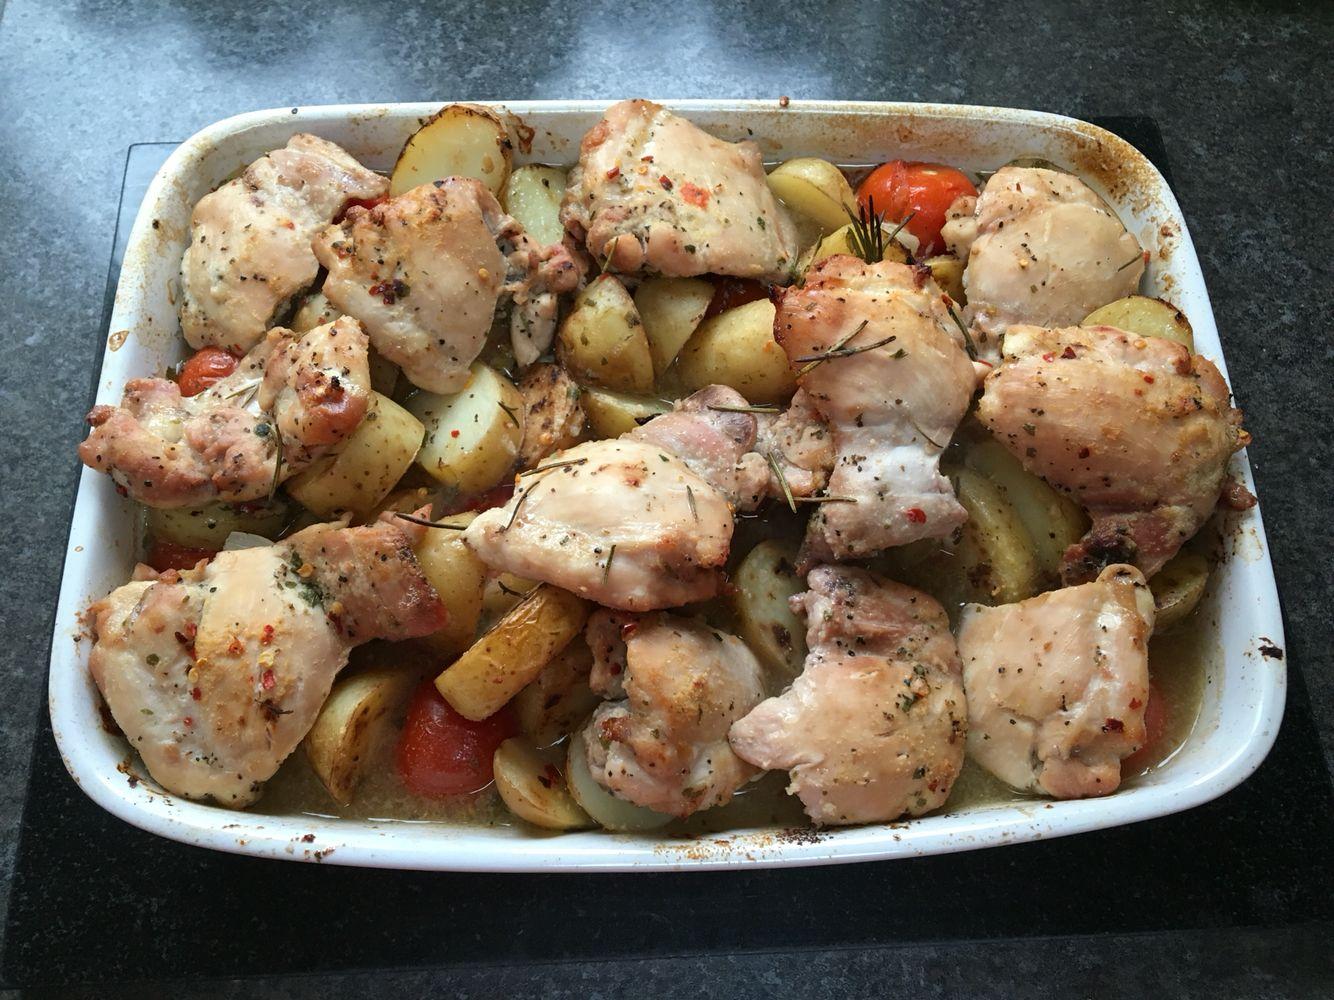 Slimming World garlic baked chicken